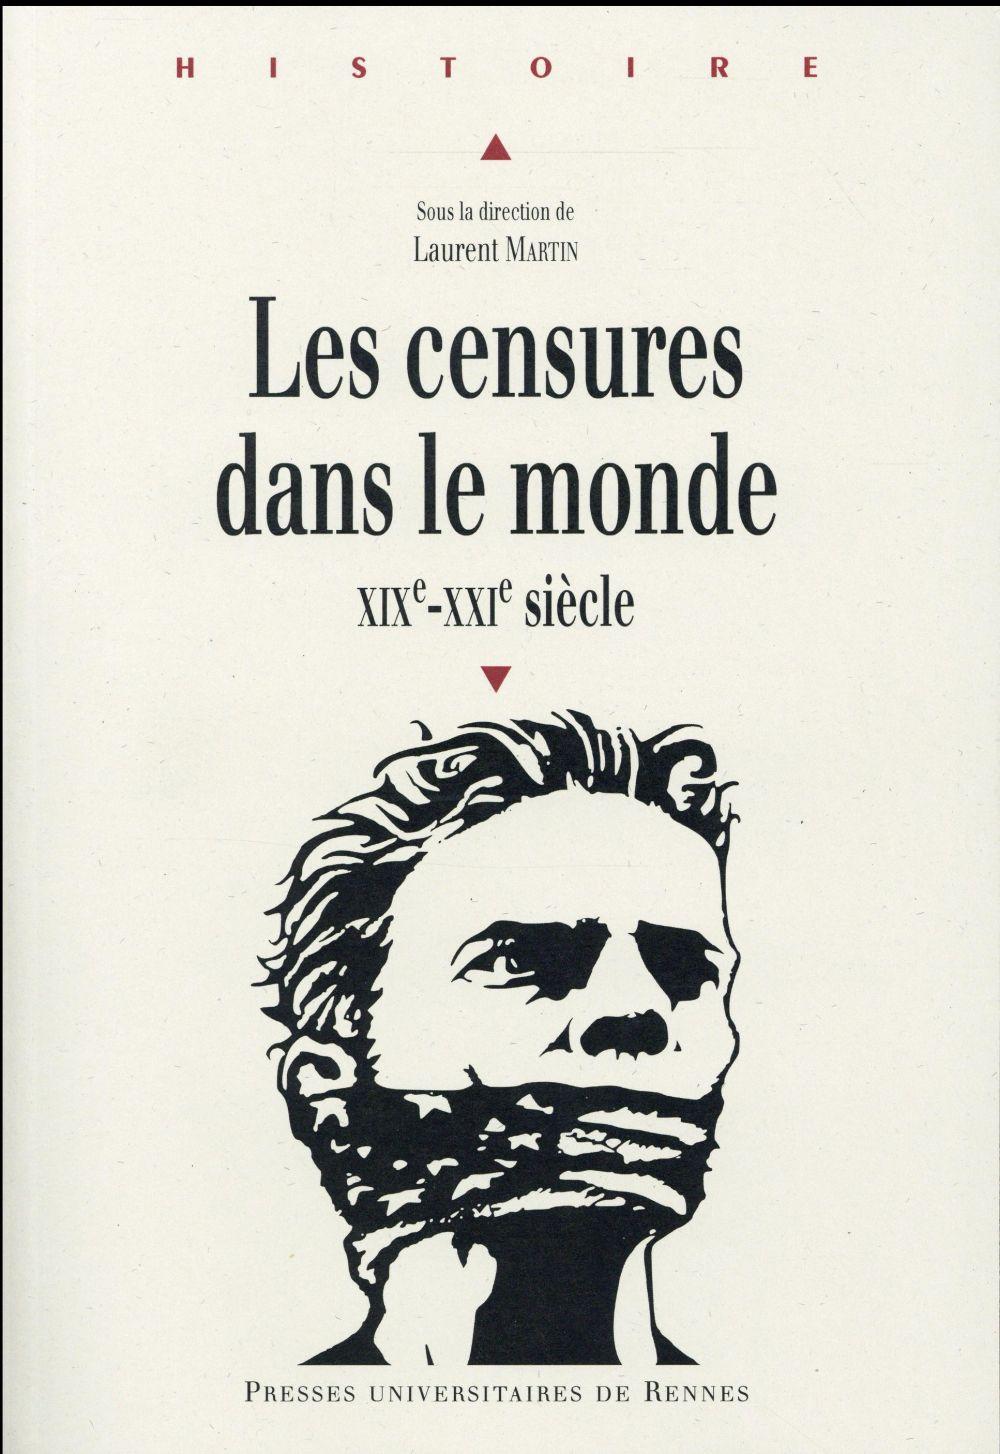 Les censures dans le monde ; XIX-XXIe siècle